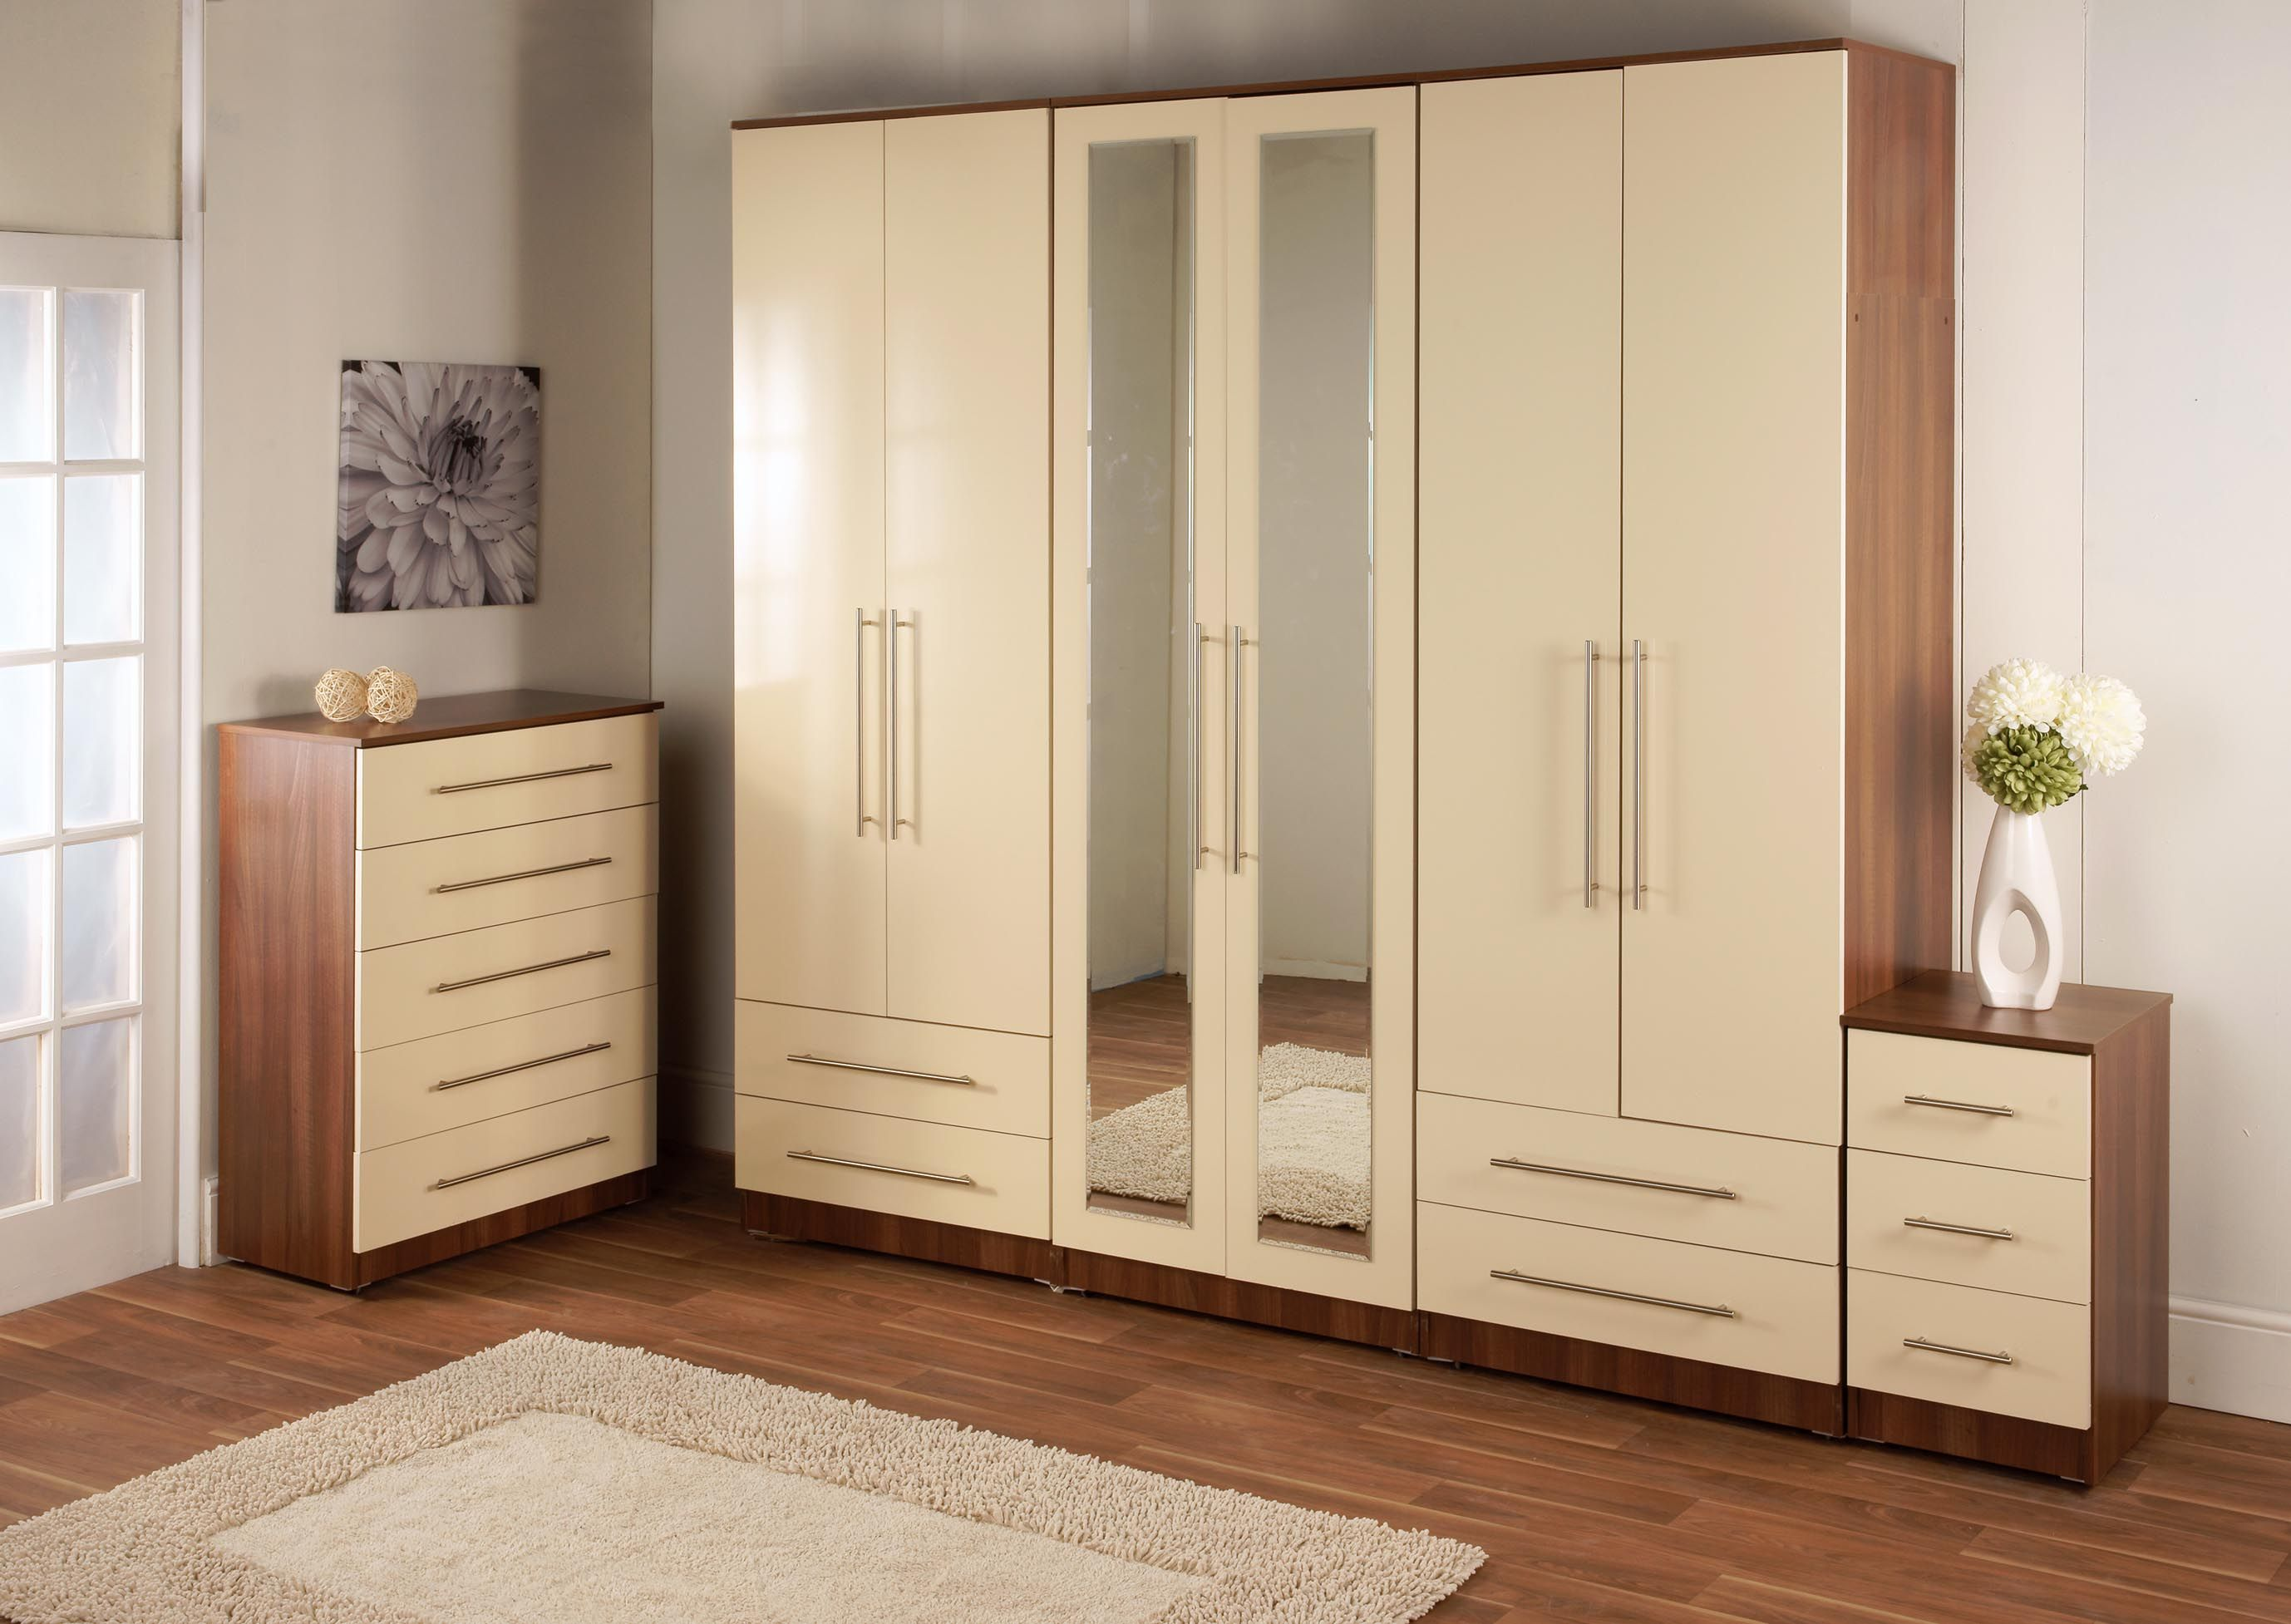 Almirah Design Schrank Tür Designs Moderne Schlafzimmer